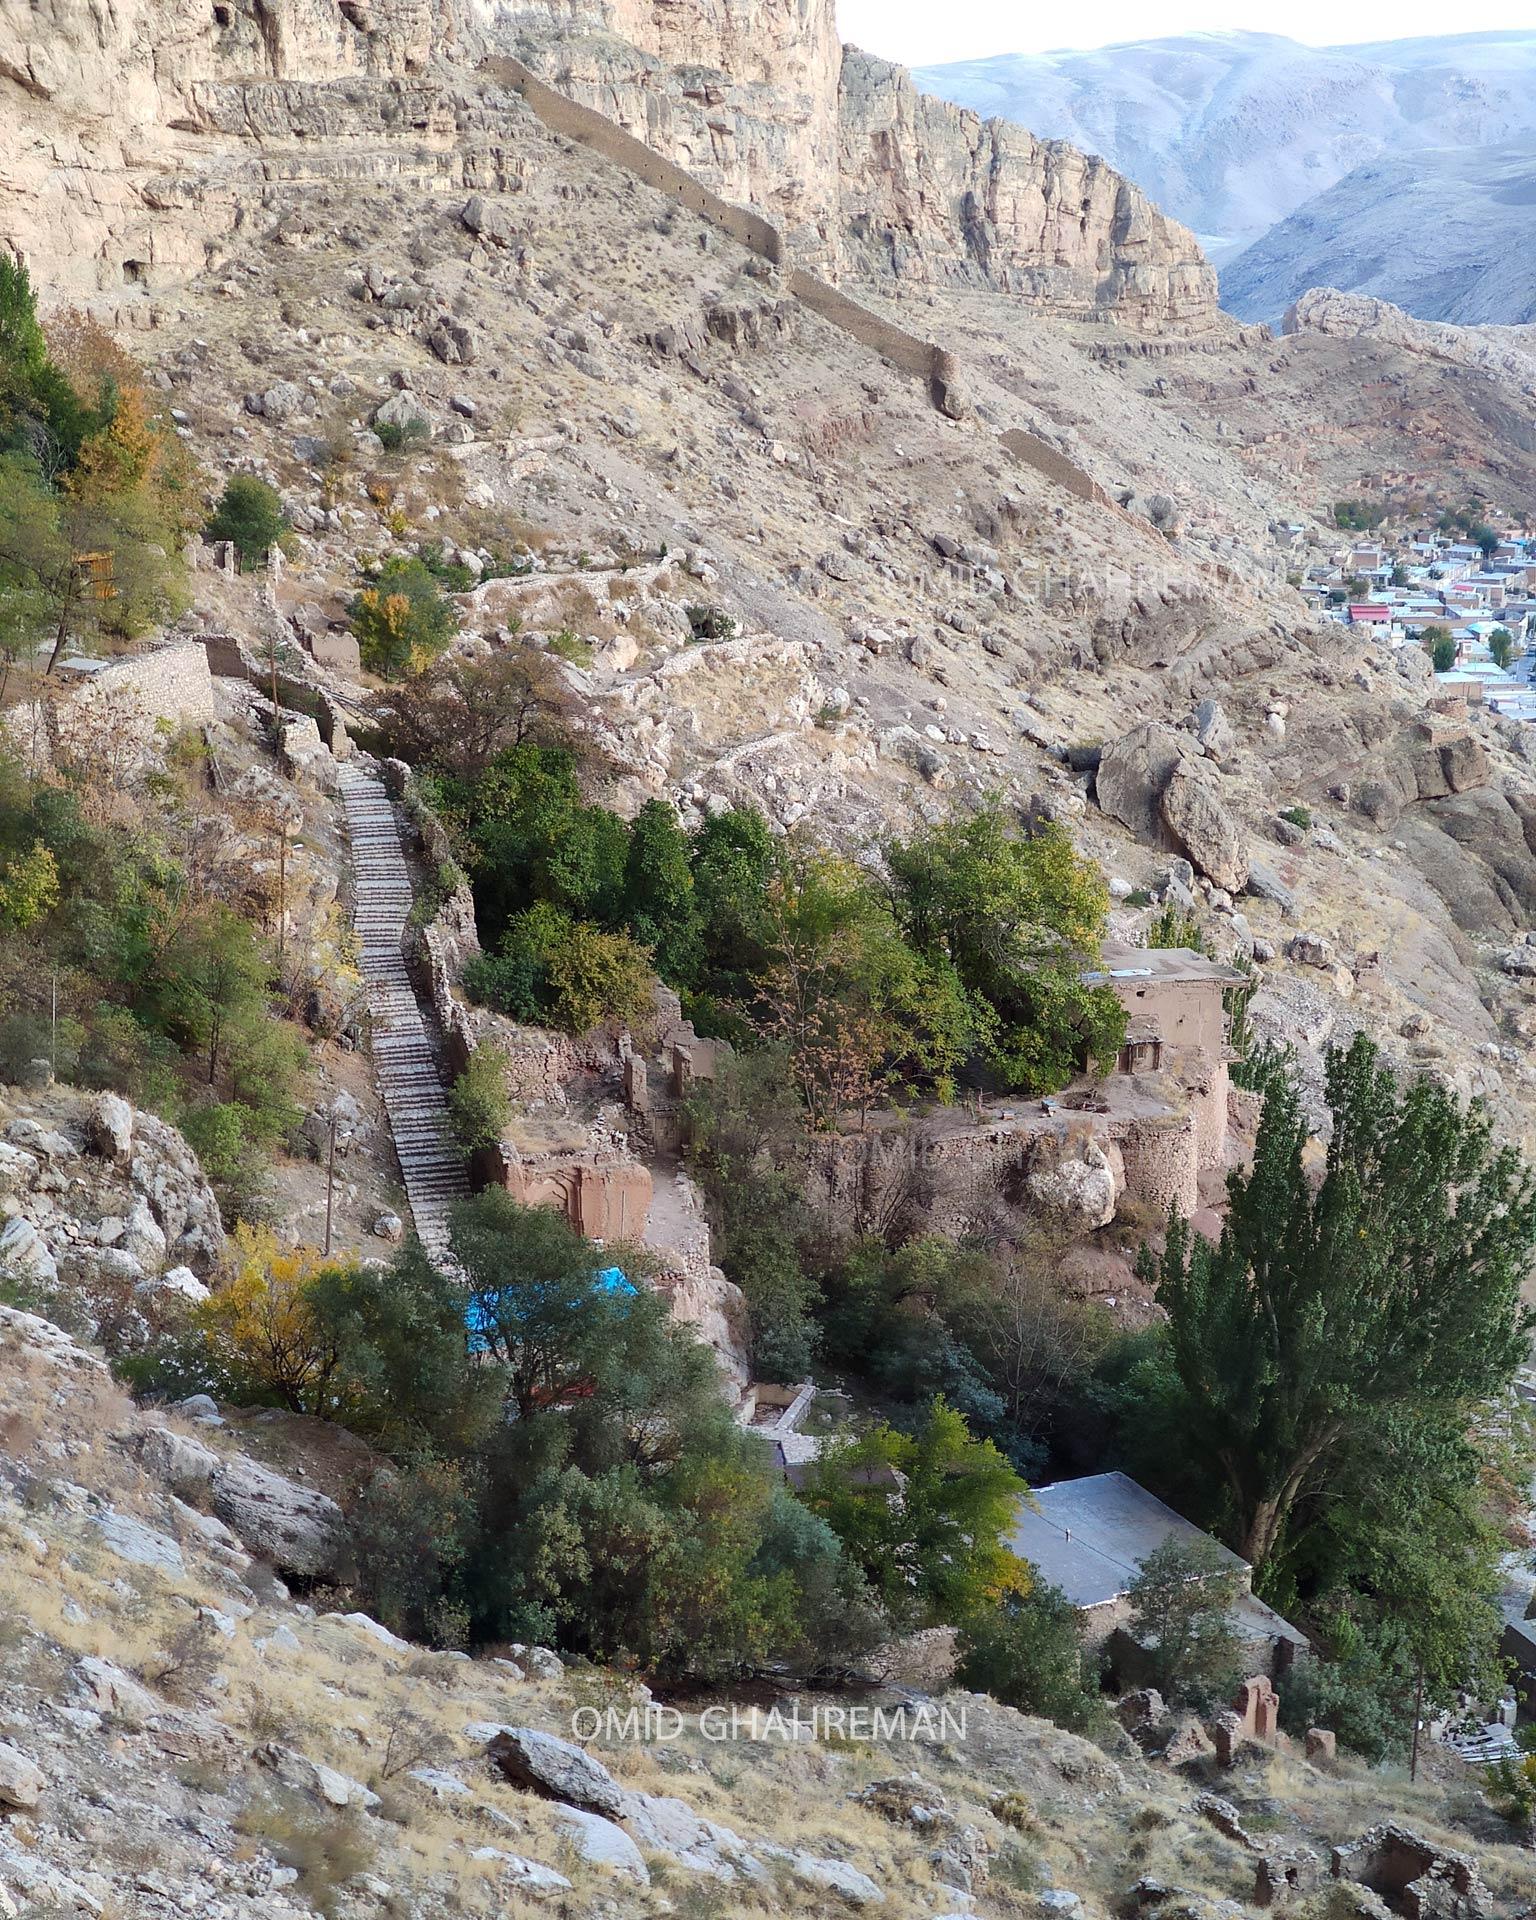 مسیر و پله های قلعه قبان و ماکوی قدیم